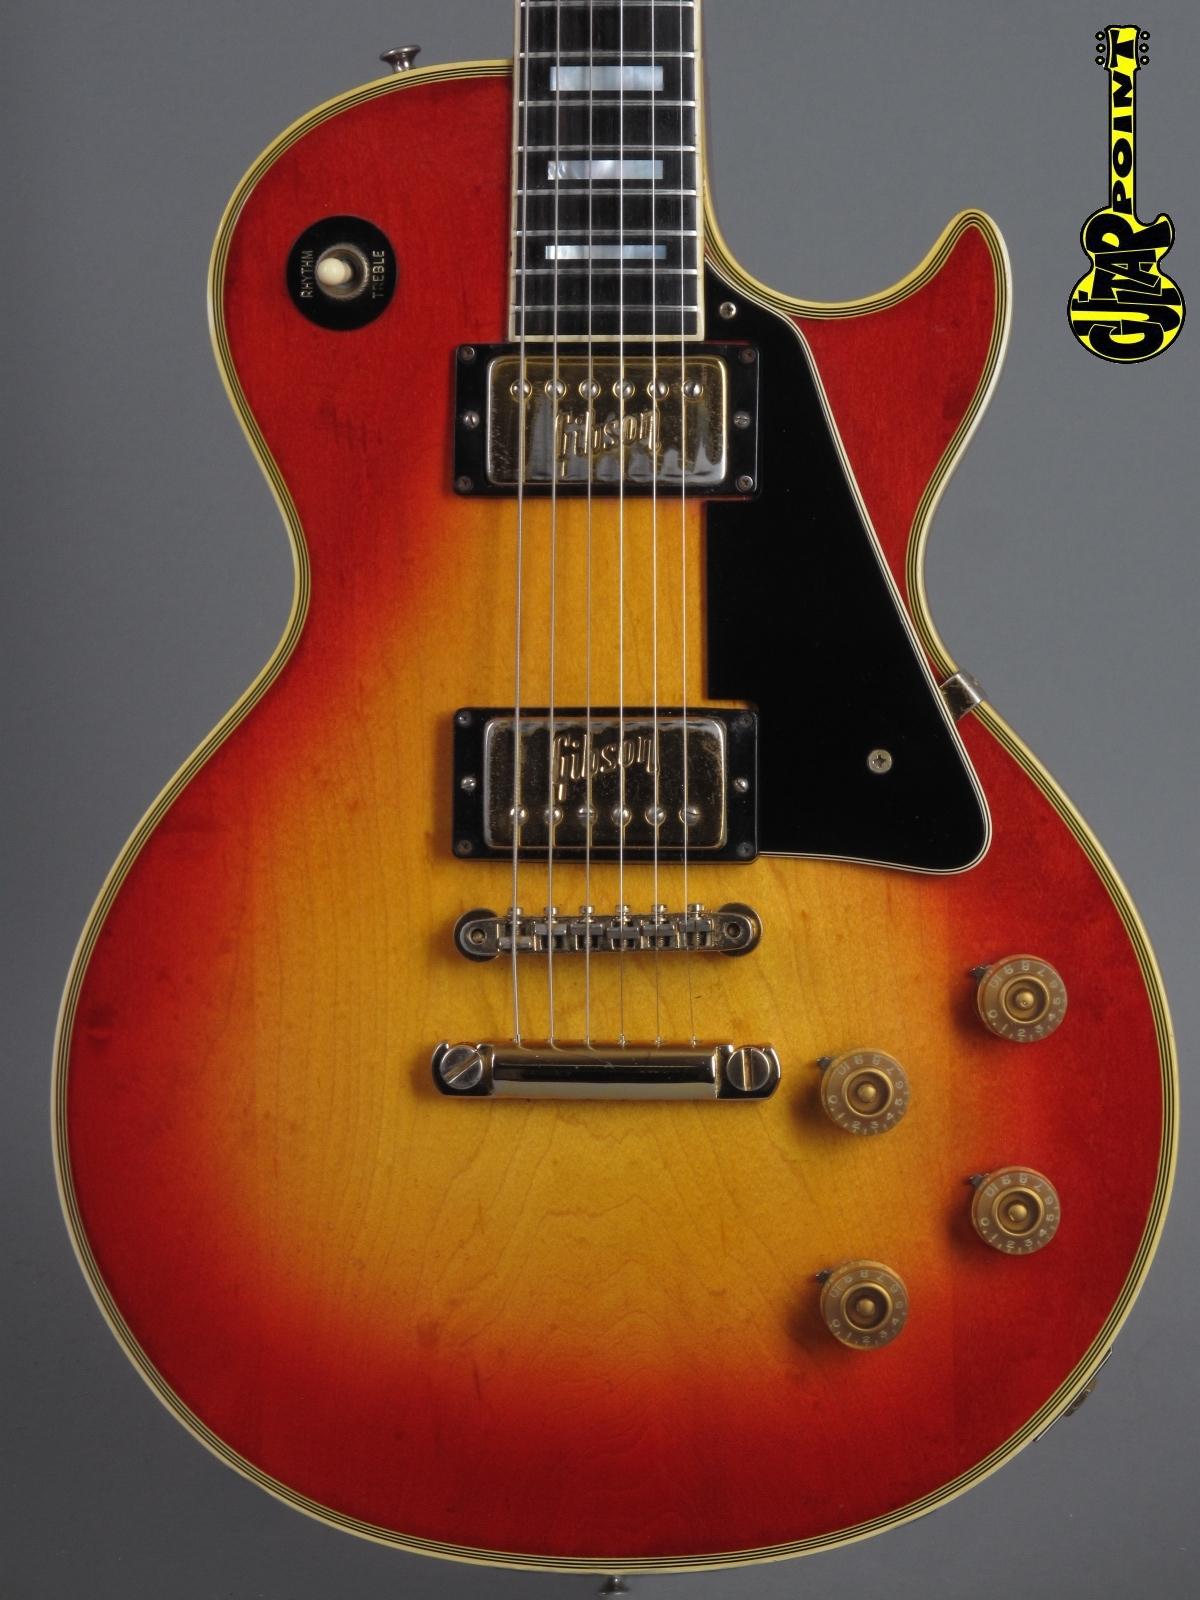 1972 Gibson Les Paul Custom - Cherry Sunburst